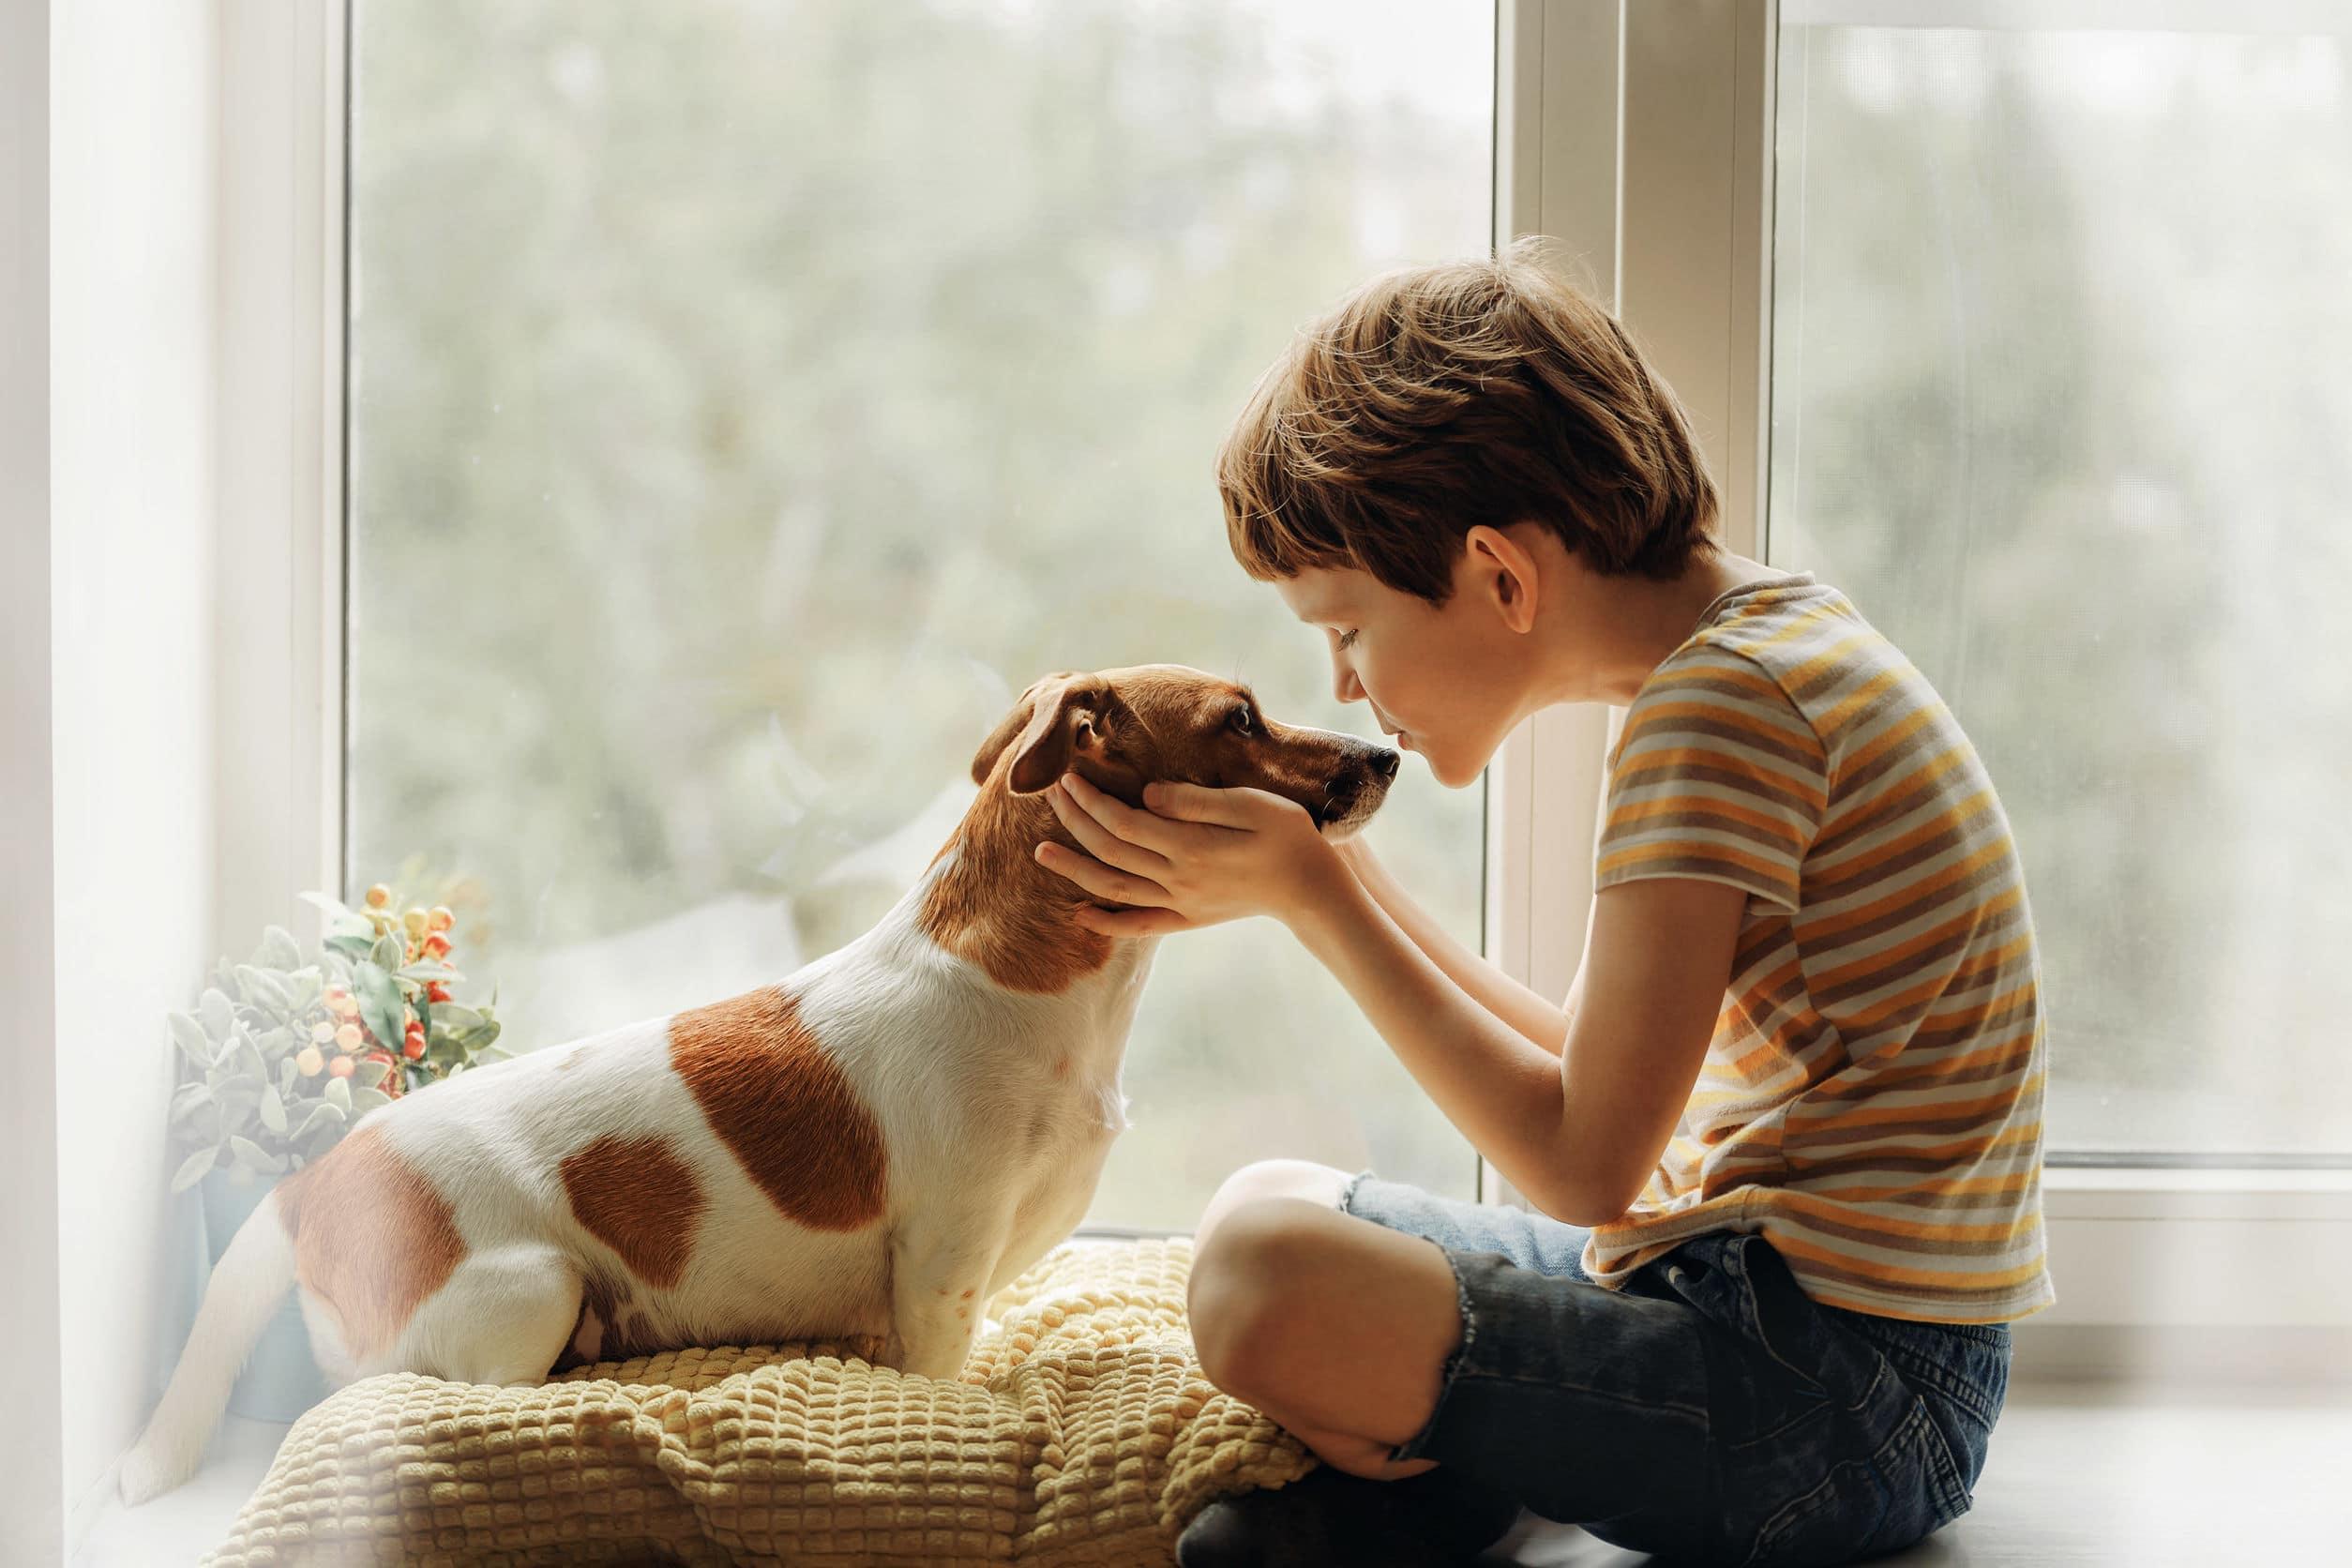 Menino beihando cachorro.